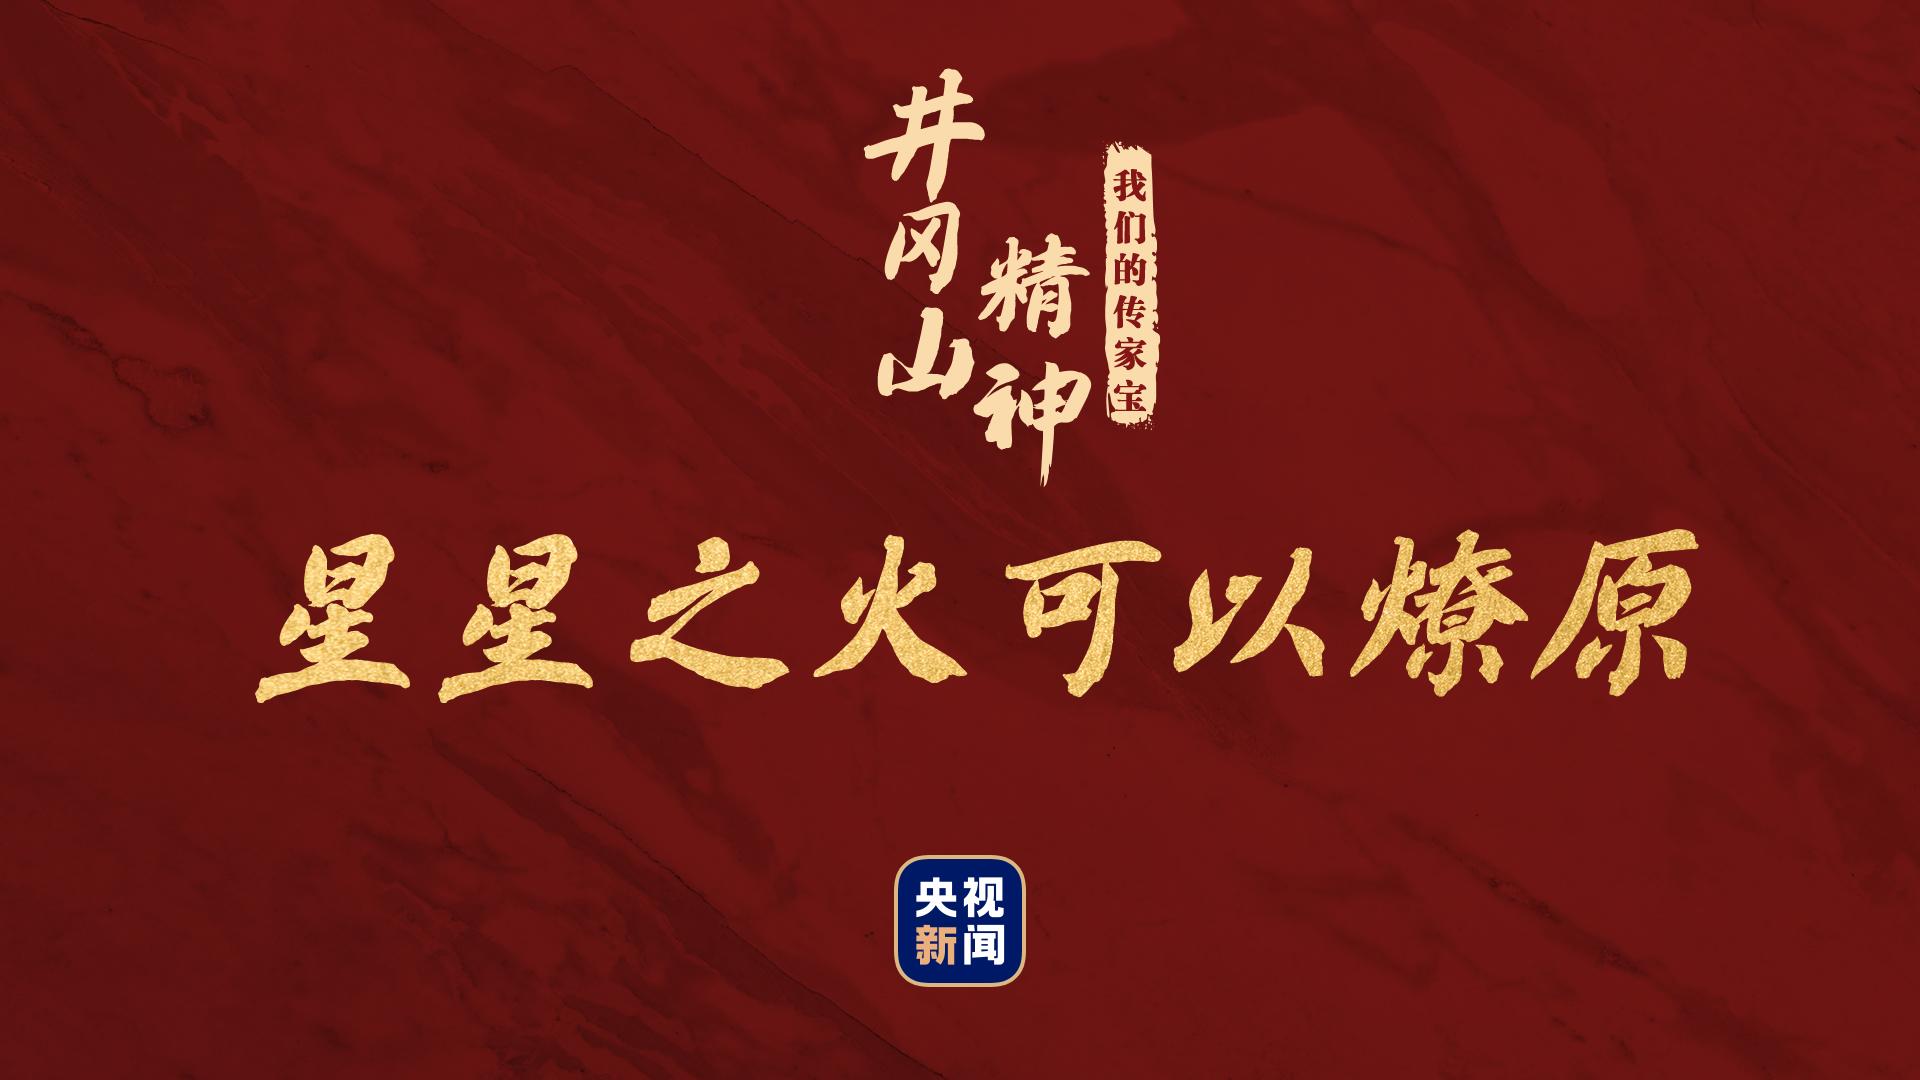 《【恒达平台官网注册】我们的传家宝丨井冈山精神》